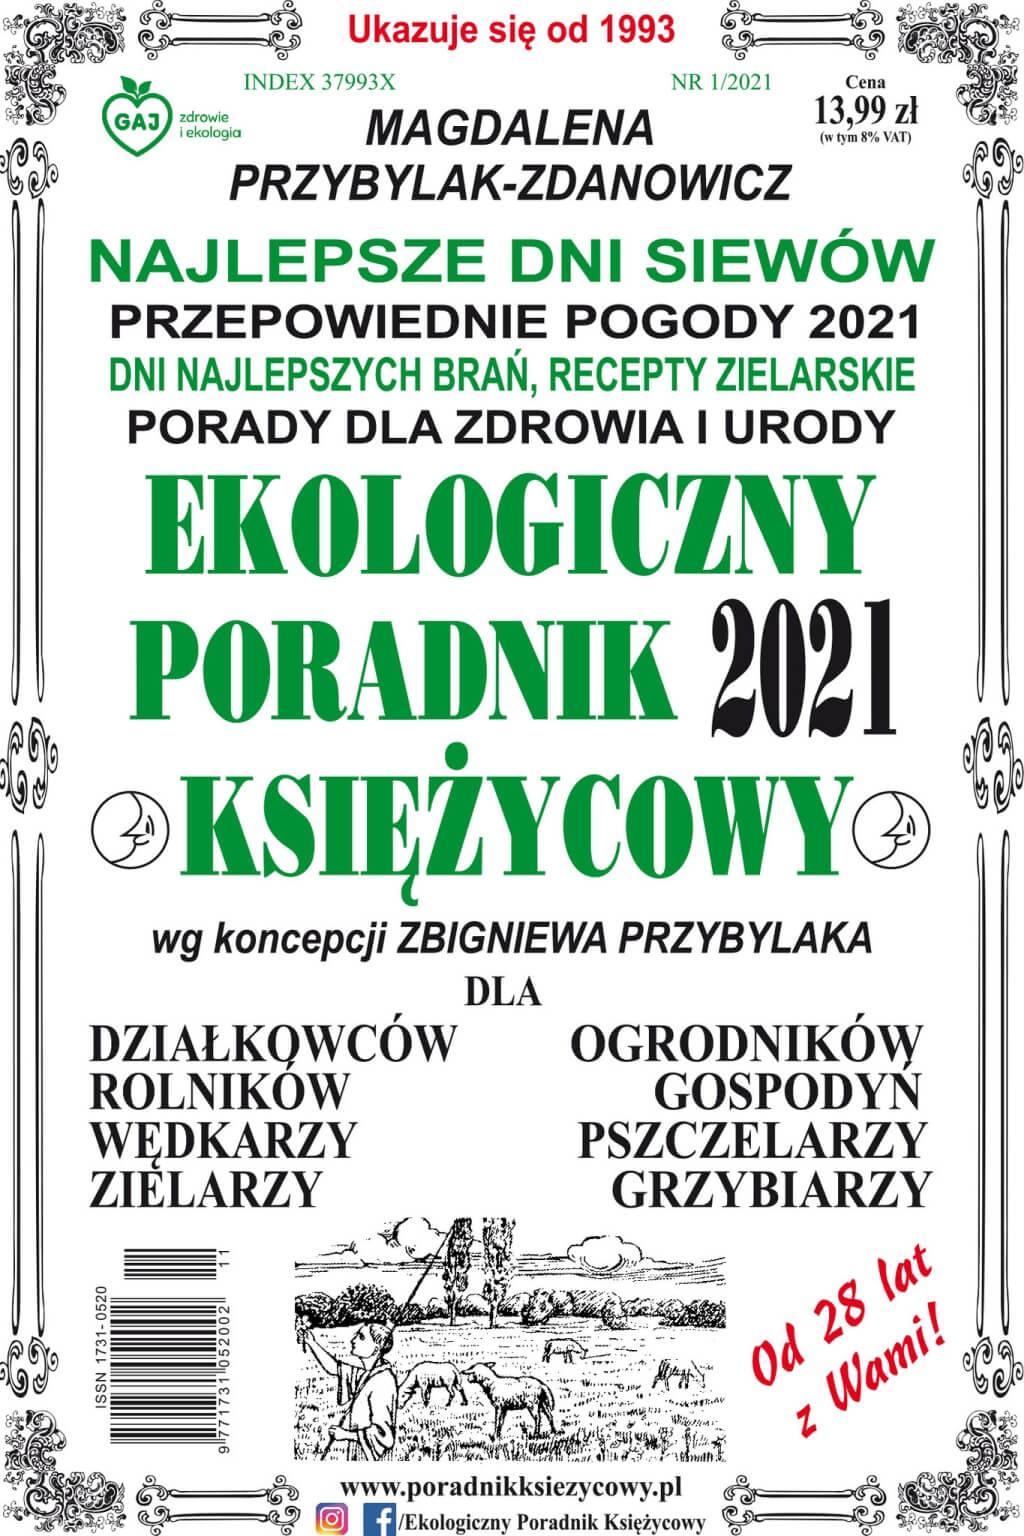 Ekologiczny poradnik księżycowy 2021 - Magdalena Przybylak-Zdanowicz